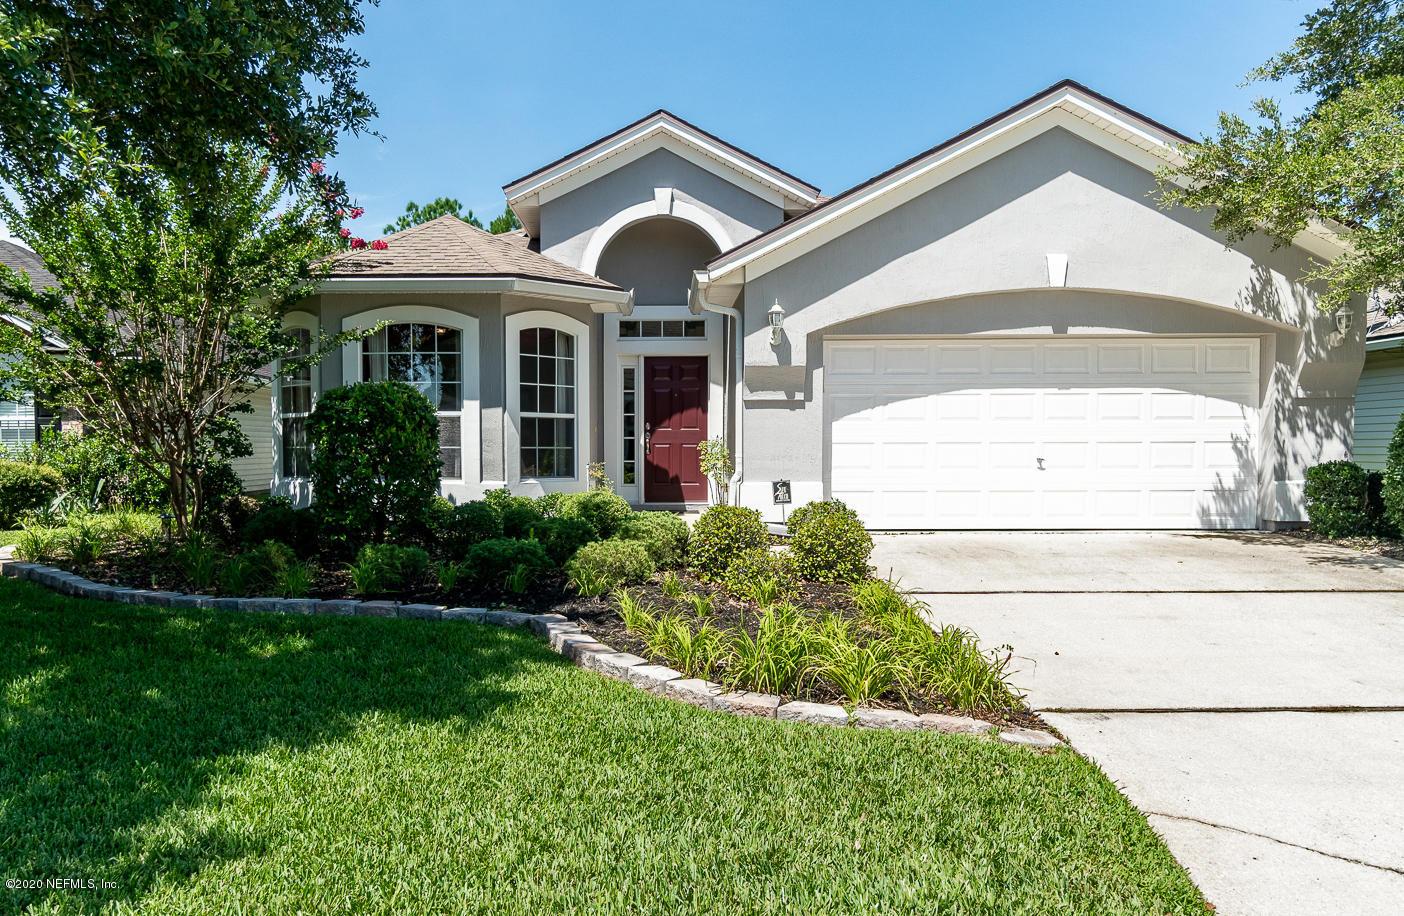 3551 WATERFORD OAKS, ORANGE PARK, FLORIDA 32065, 4 Bedrooms Bedrooms, ,2 BathroomsBathrooms,Residential,For sale,WATERFORD OAKS,1061451